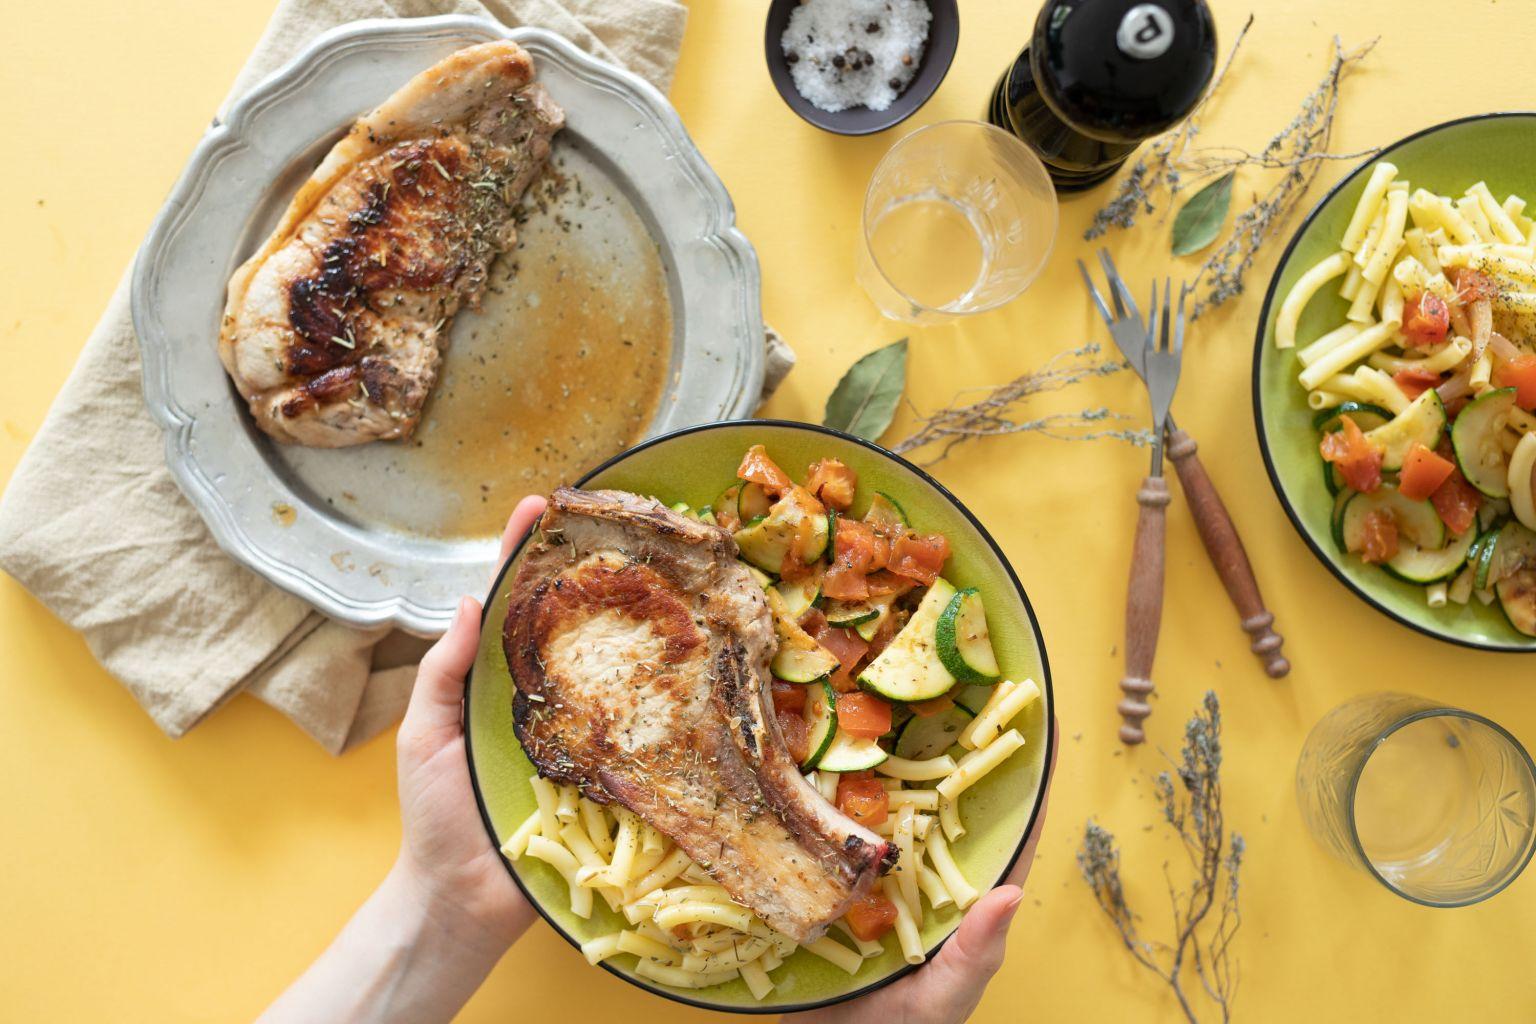 Côtes de porc et poêlée de légumes à la provençale